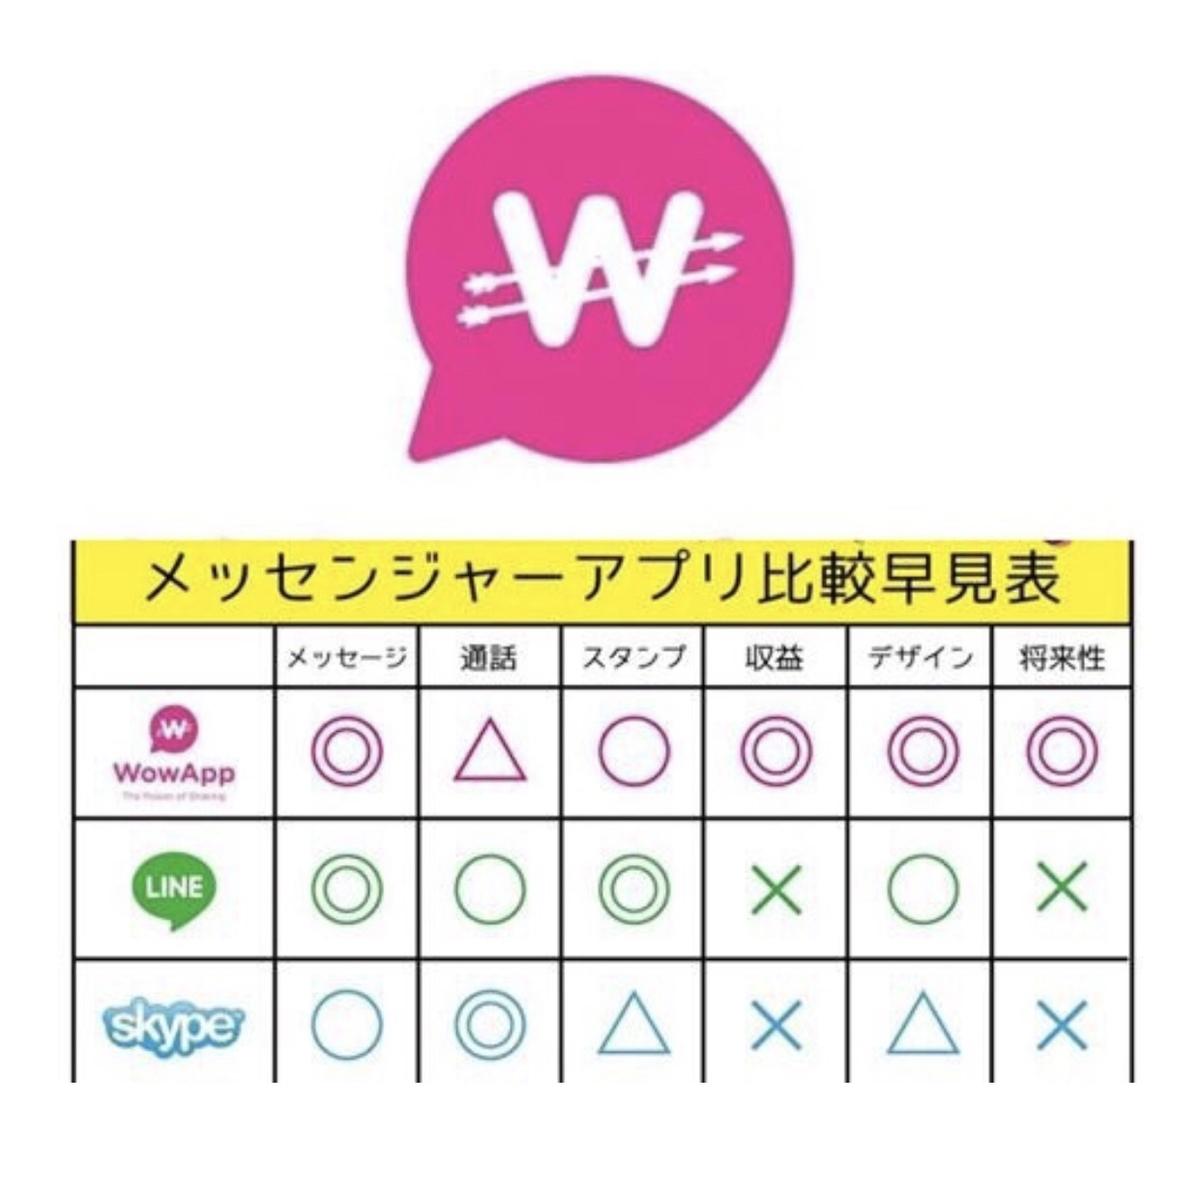 f:id:kaoruikeda:20210610151358j:plain